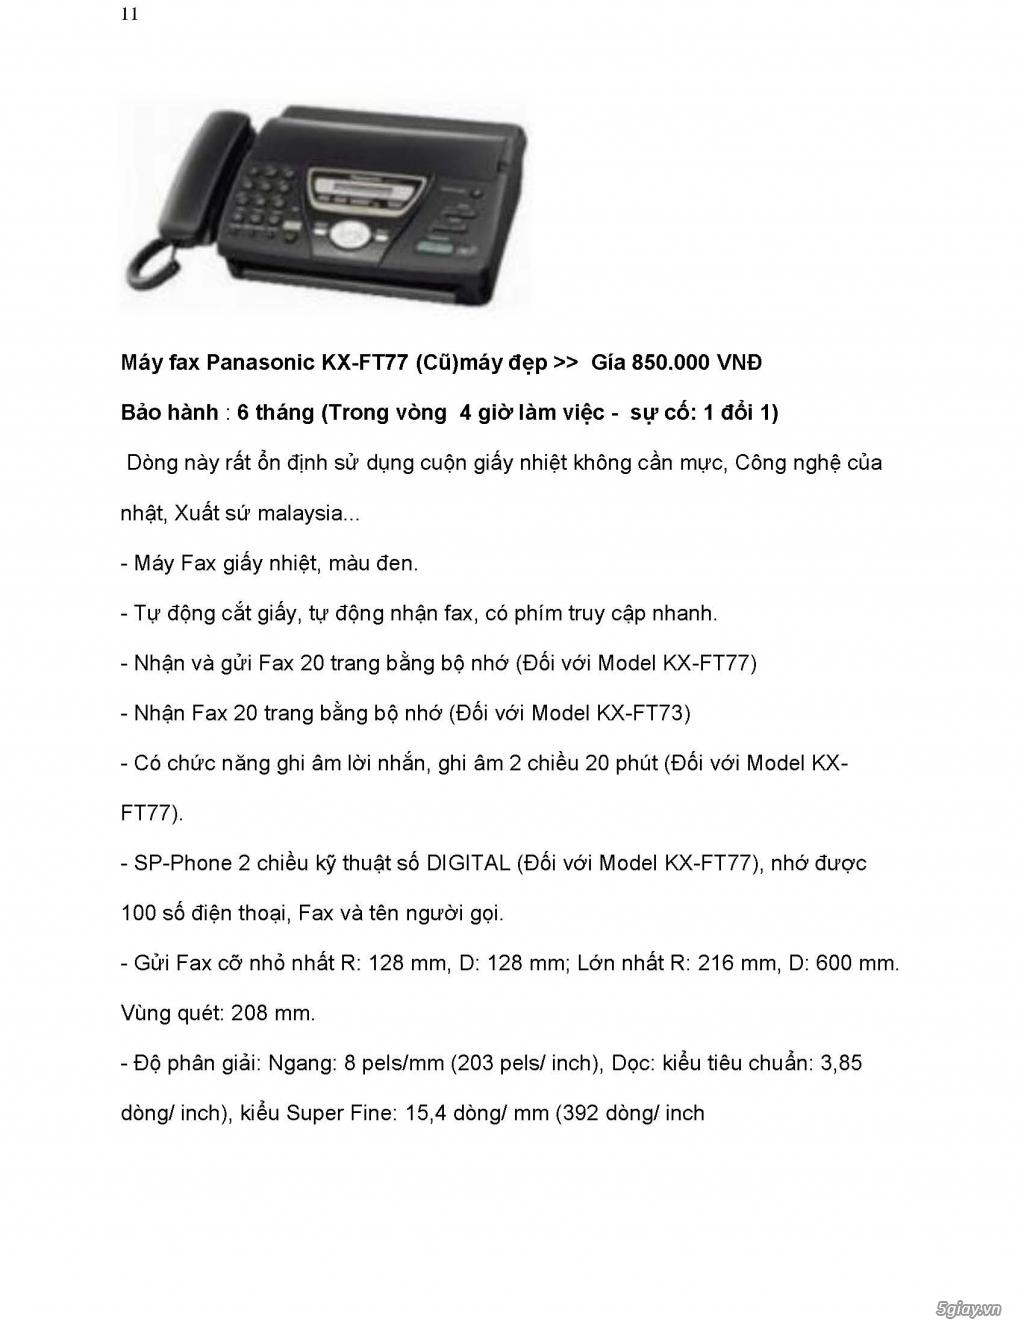 Sửa chữa Bộ Đàm,Máy Fax,Tổng Đài - 24